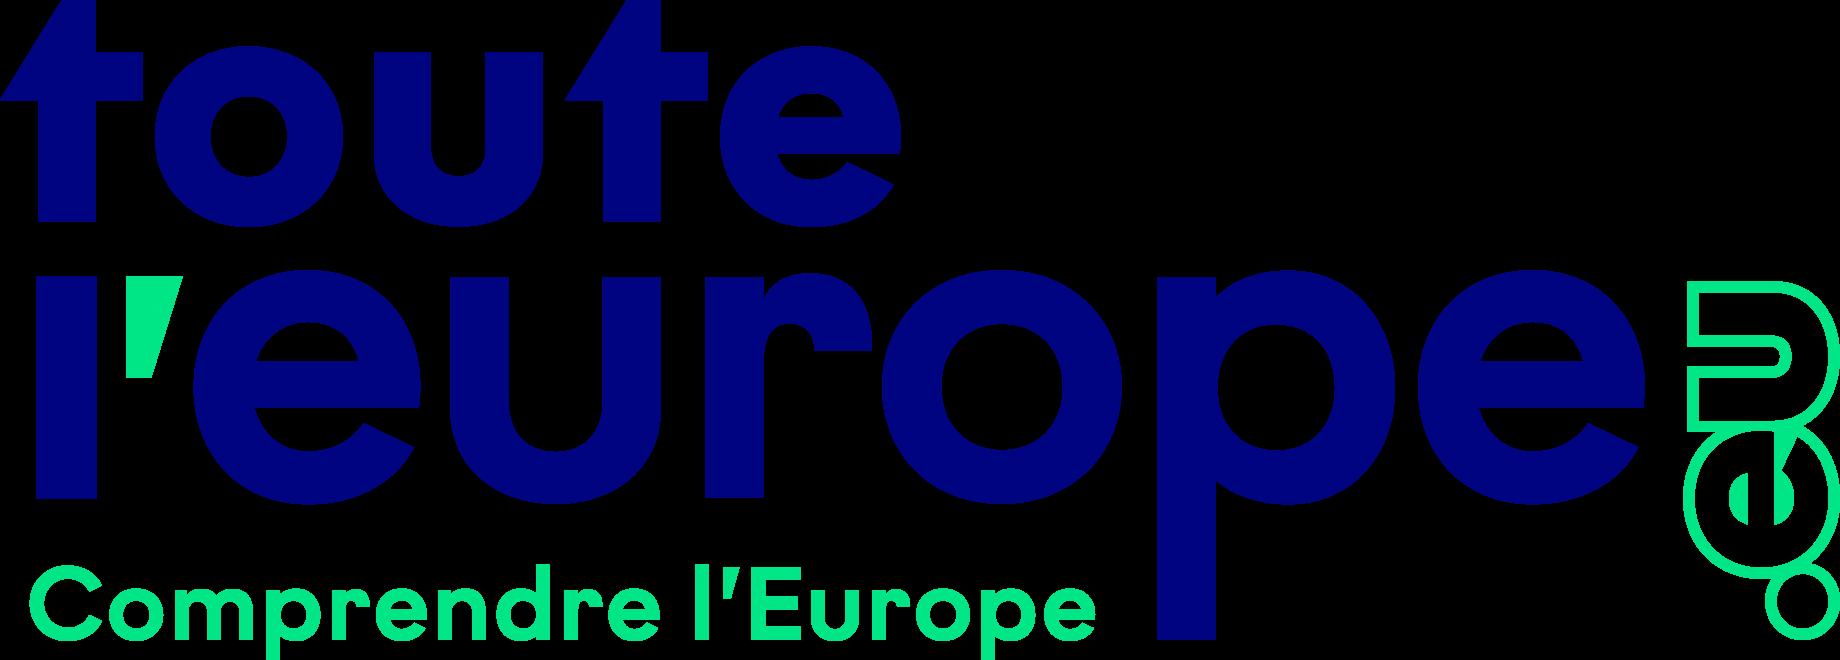 Toutel'europe.eu